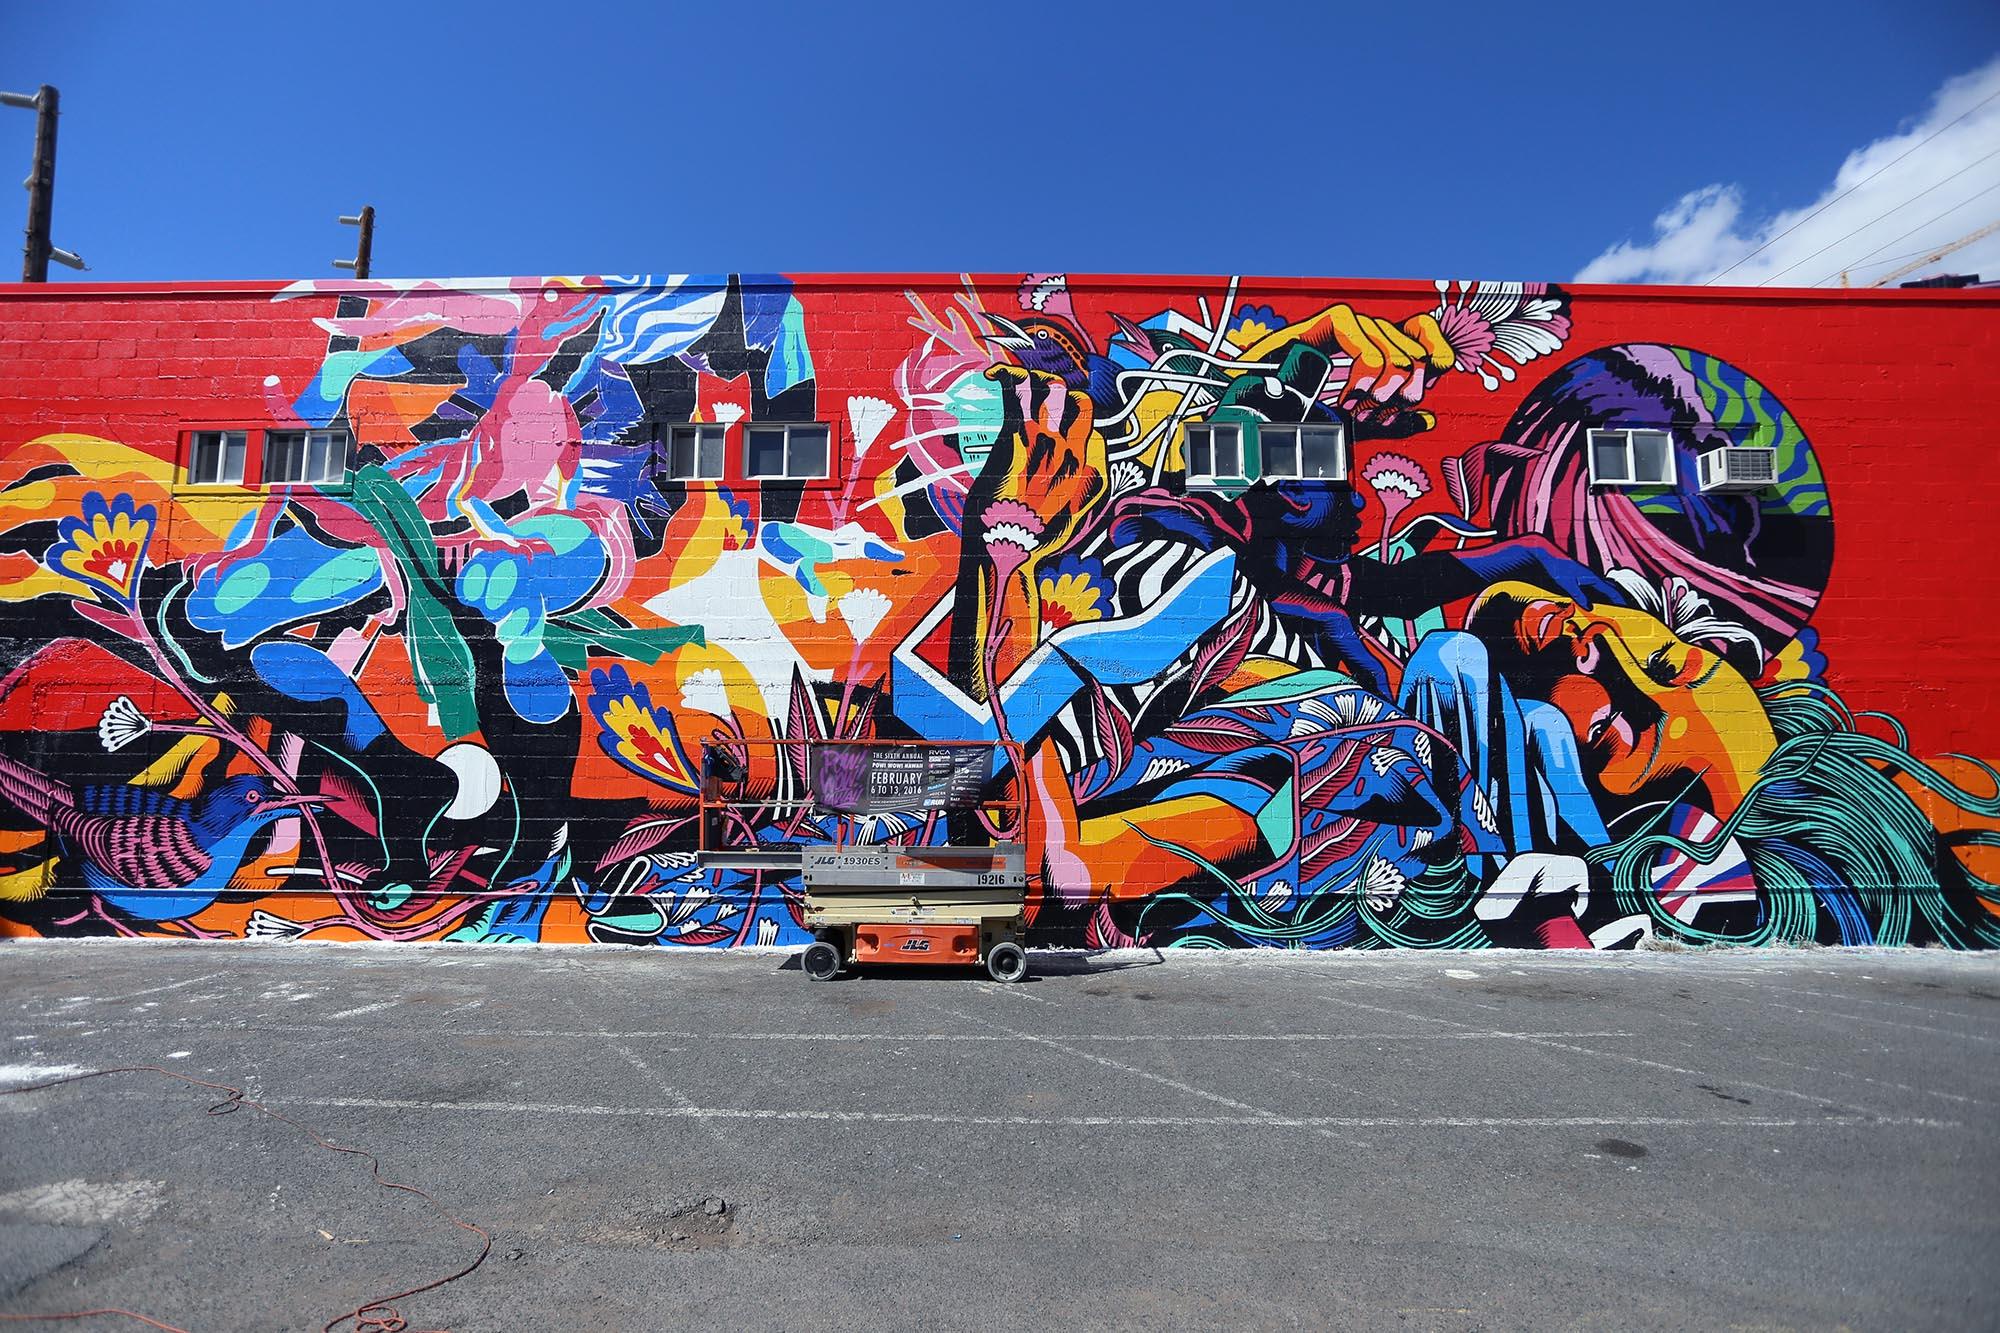 bicicleta sem freio-pow wow festival-mural-grafite-dionisio-arte (5)